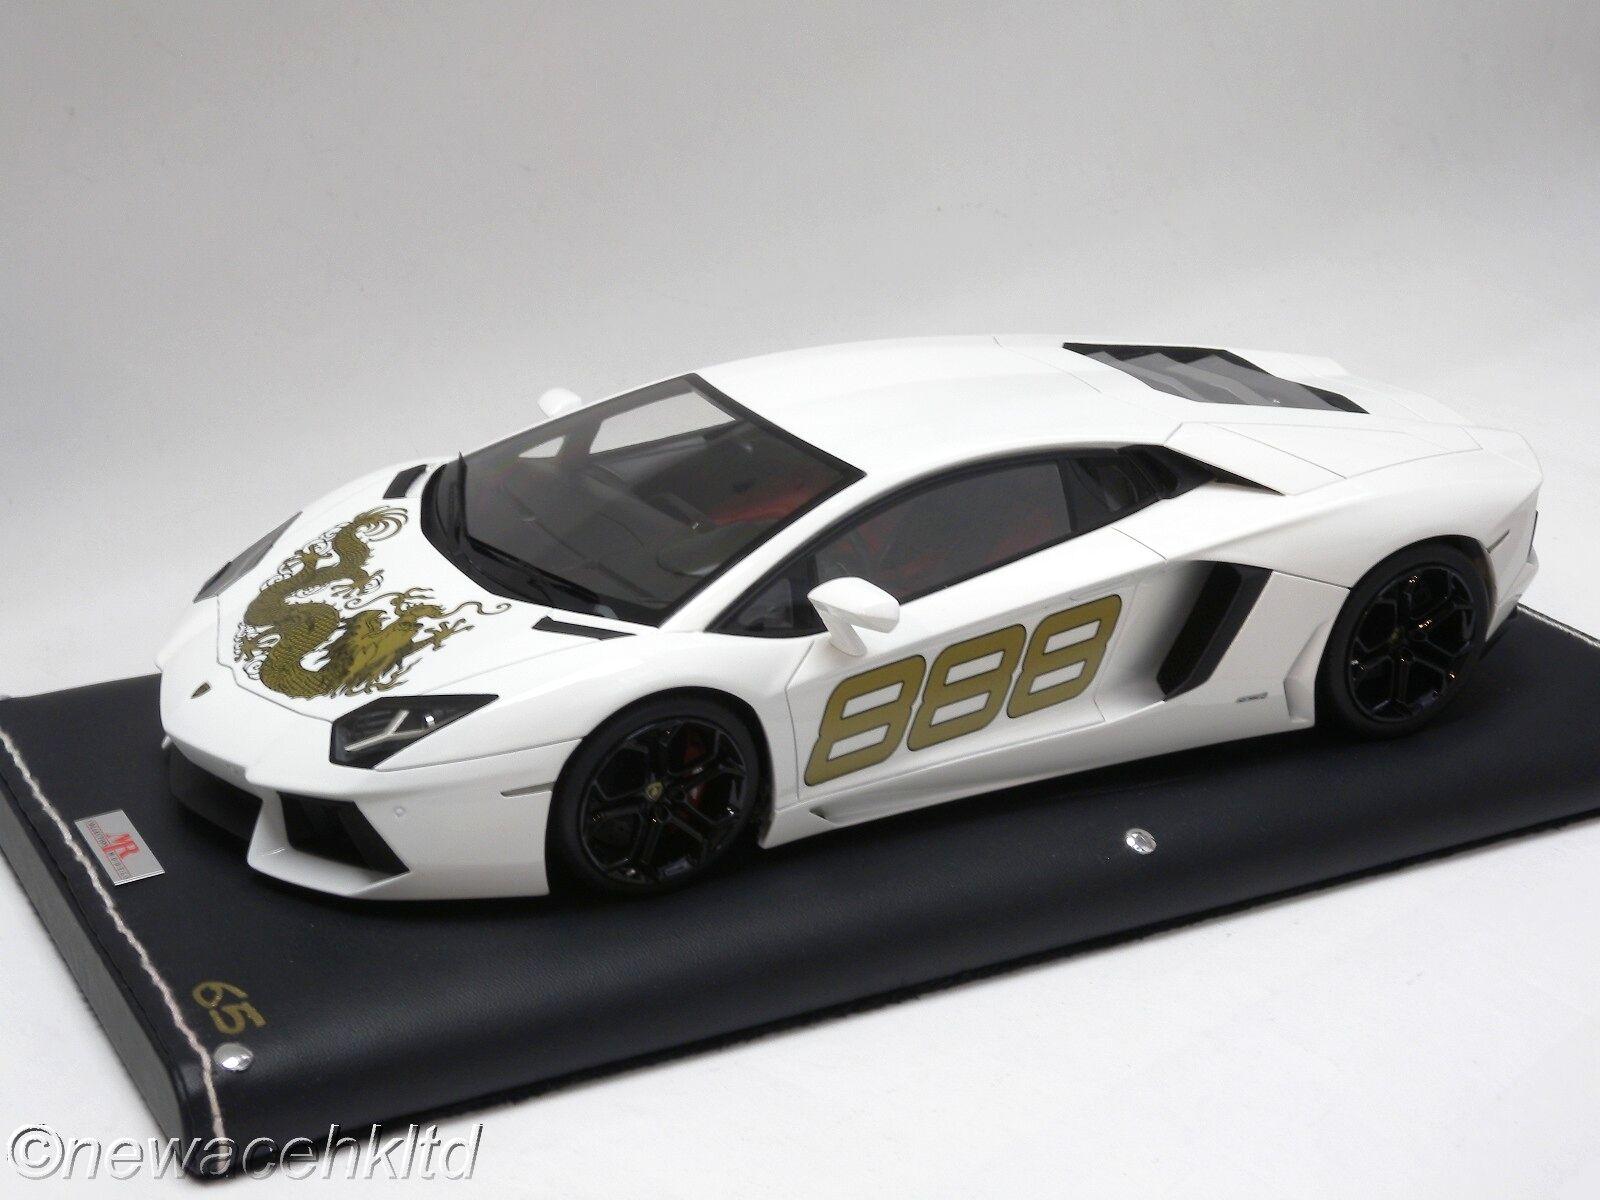 tomar hasta un 70% de descuento Lamborghini Aventador Dragon limitada 99 un. mr Models Models Models 1 18  LAMBO 06DR  distribución global